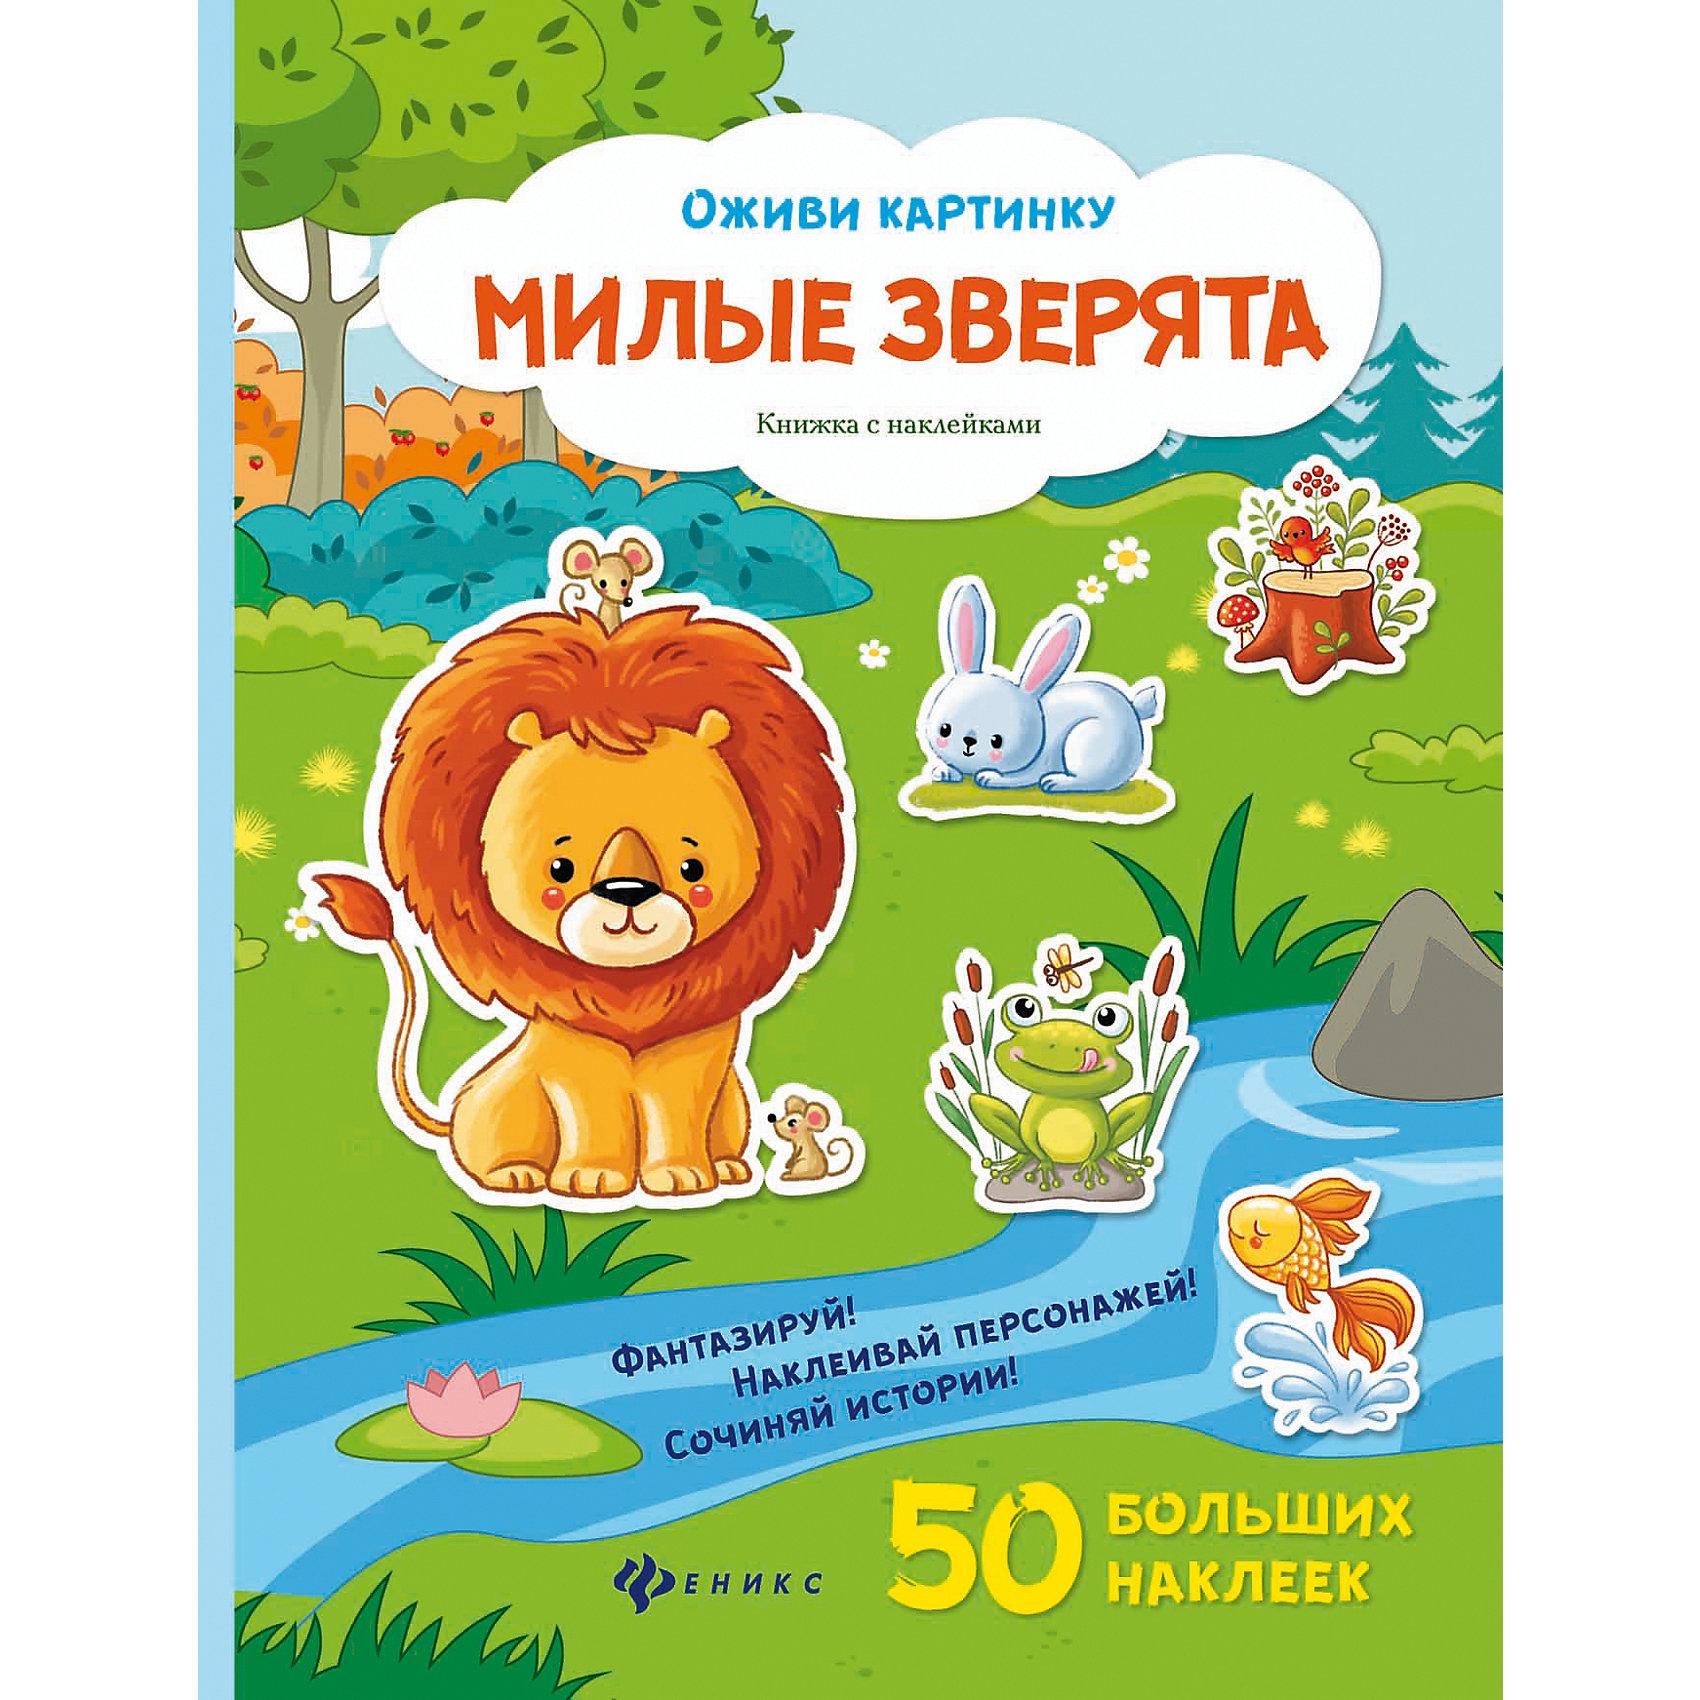 Книжка с наклейками Милые зверятаФеникс<br>Книжка с наклейками Милые зверята – книга с красочными картинками, которые ребенок сможет дополнить наклейками, создав интересную историю.<br>Путешествуя по страницам книги, ребёнок прогуляется по лесу, джунглям, саванне, снежным равнинам и познакомится с их обитателями. Каждый разворот - это самостоятельная история, которую творит ребенок, выбирая и наклеивая подходящие, на его взгляд, наклейки. Это отличная возможность потренировать мелкую моторику и развить фантазию: предложите ребенку не только дополнить страницы наклейками, но также придумать и рассказать историю, опираясь на иллюстрацию. Играйте и фантазируйте вместе с персонажами, изображенными на наклейках!<br><br>Дополнительная информация:<br><br>- Художники: Смирнова Ирина, Таширова Юлия<br>- Редактор: Силенко Елизавета<br>- Издательство: Феникс-Премьер<br>- Серия: Оживи картинку<br>- Тип обложки: мягкий переплет (крепление скрепкой или клеем)<br>- Иллюстрации: цветные<br>- Количество наклеек: 50 больших наклеек<br>- Количество страниц: 16 (мелованная)<br>- Размер: 283x212x2 мм.<br>- Вес: 122 гр.<br><br>Книжку с наклейками Милые зверята можно купить в нашем интернет-магазине.<br><br>Ширина мм: 213<br>Глубина мм: 2<br>Высота мм: 285<br>Вес г: 123<br>Возраст от месяцев: 36<br>Возраст до месяцев: 108<br>Пол: Унисекс<br>Возраст: Детский<br>SKU: 4994821